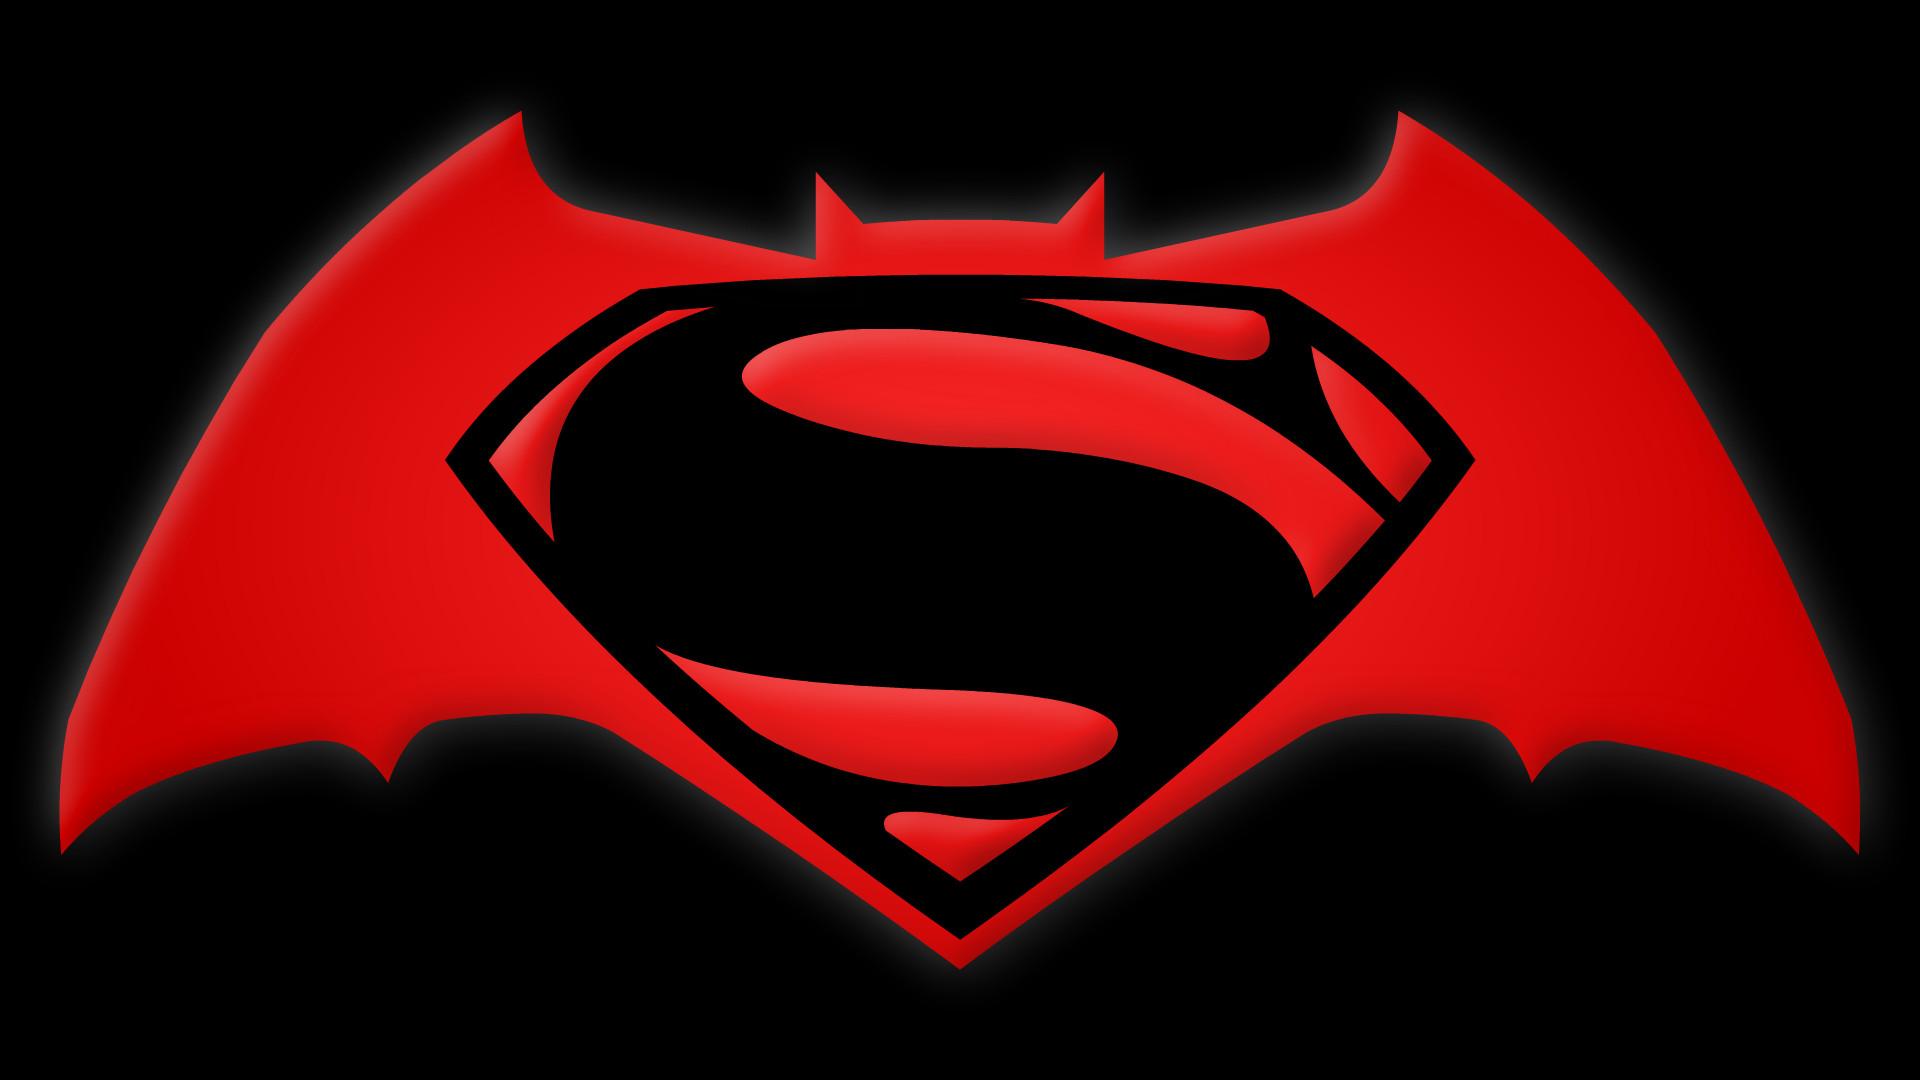 Batman v Superman Symbol by Yurtigo Batman v Superman Symbol by Yurtigo